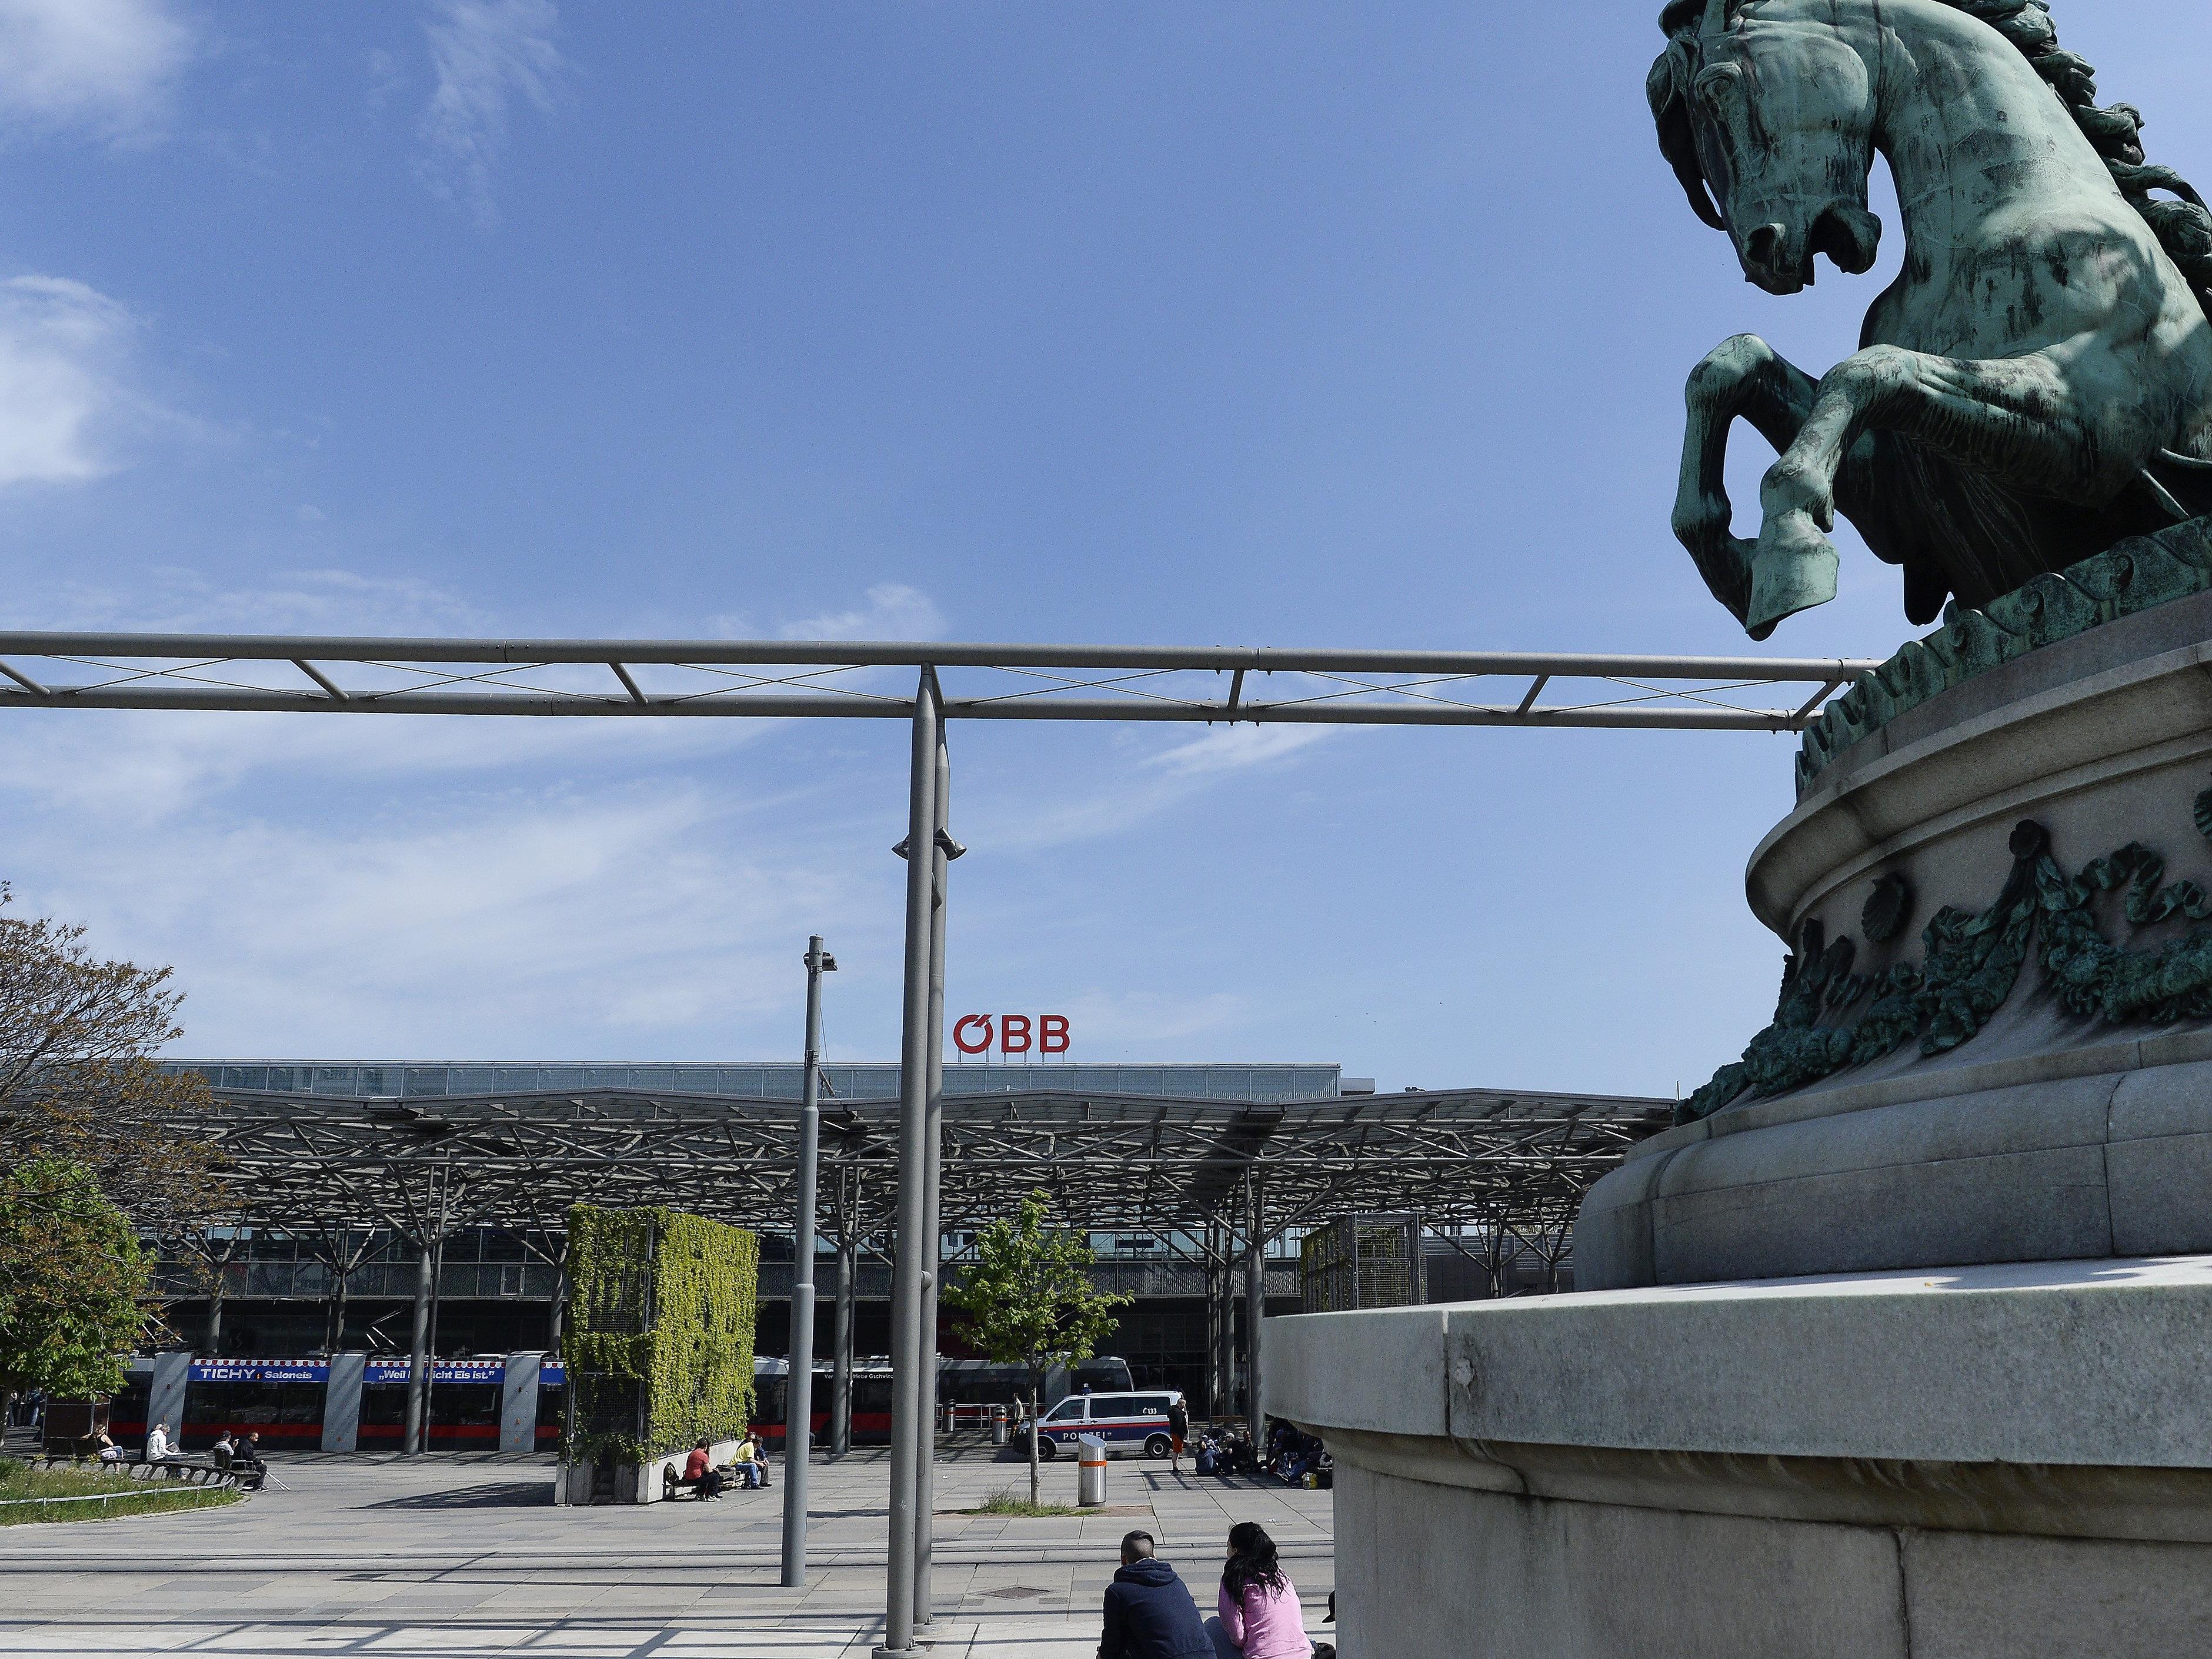 Die neue Bezirksvorstehung der Leopoldstadt will den Praterstern von seinem negativen Image befreien.